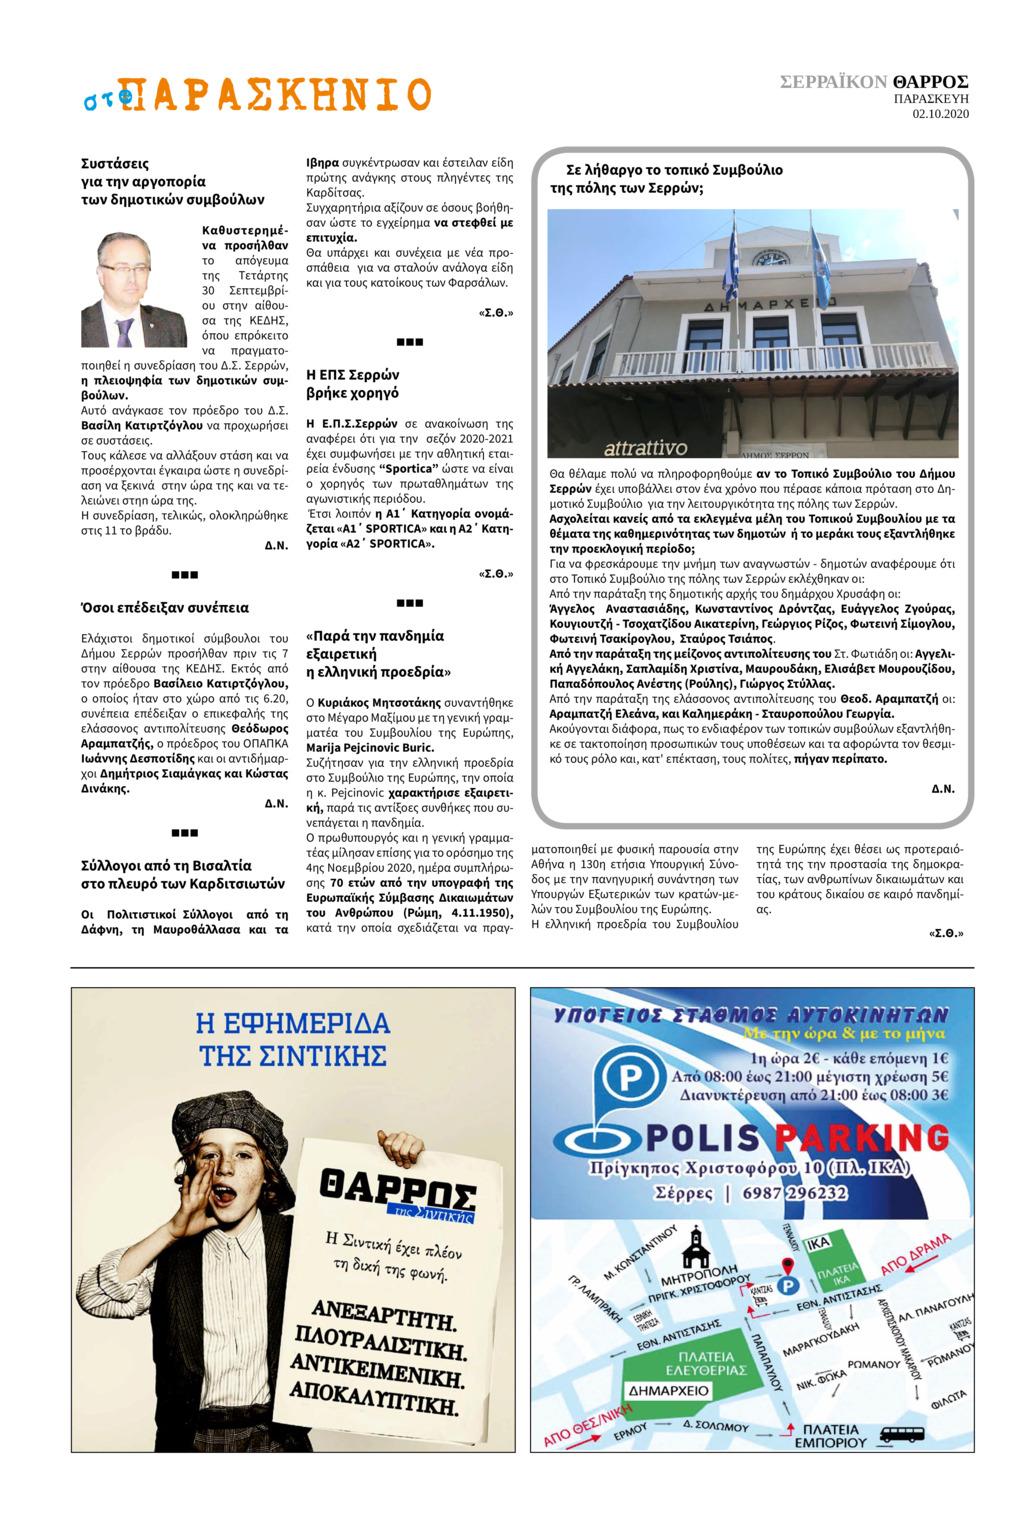 Οπισθόφυλλο εφημερίδας Σερραϊκόν Θάρρος